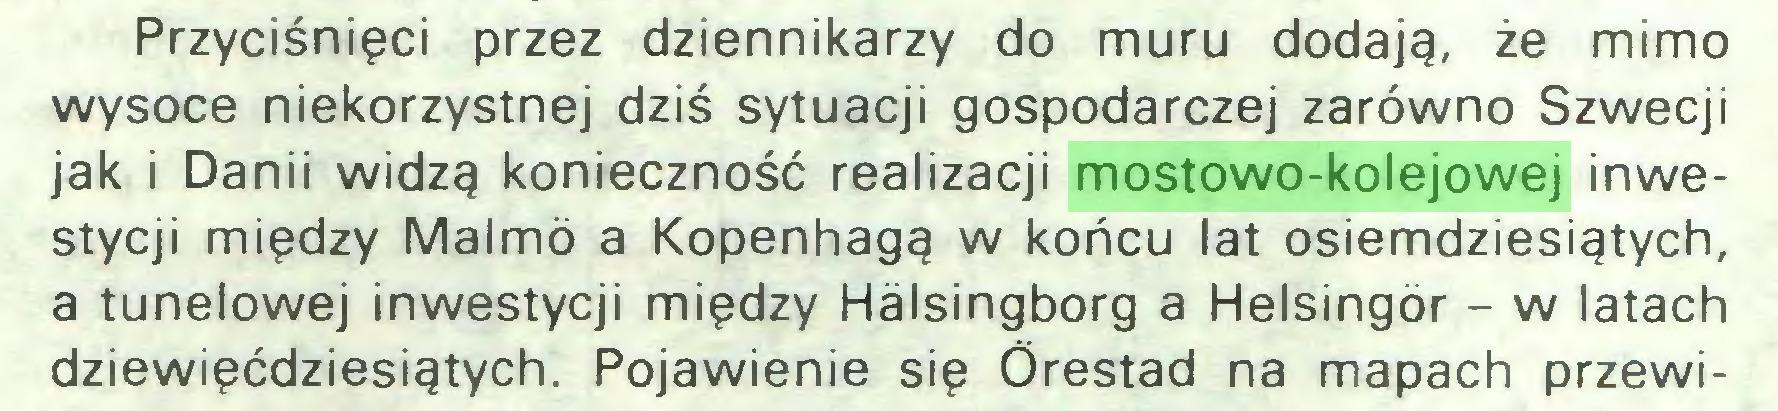 (...) Przyciśnięci przez dziennikarzy do muru dodają, że mimo wysoce niekorzystnej dziś sytuacji gospodarczej zarówno Szwecji jak i Danii widzą konieczność realizacji mostowo-kolejowej inwestycji między Malmó a Kopenhagą w końcu lat osiemdziesiątych, a tunelowej inwestycji między Halsingborg a Helsingór - w latach dziewięćdziesiątych. Pojawienie się Órestad na mapach przewi...